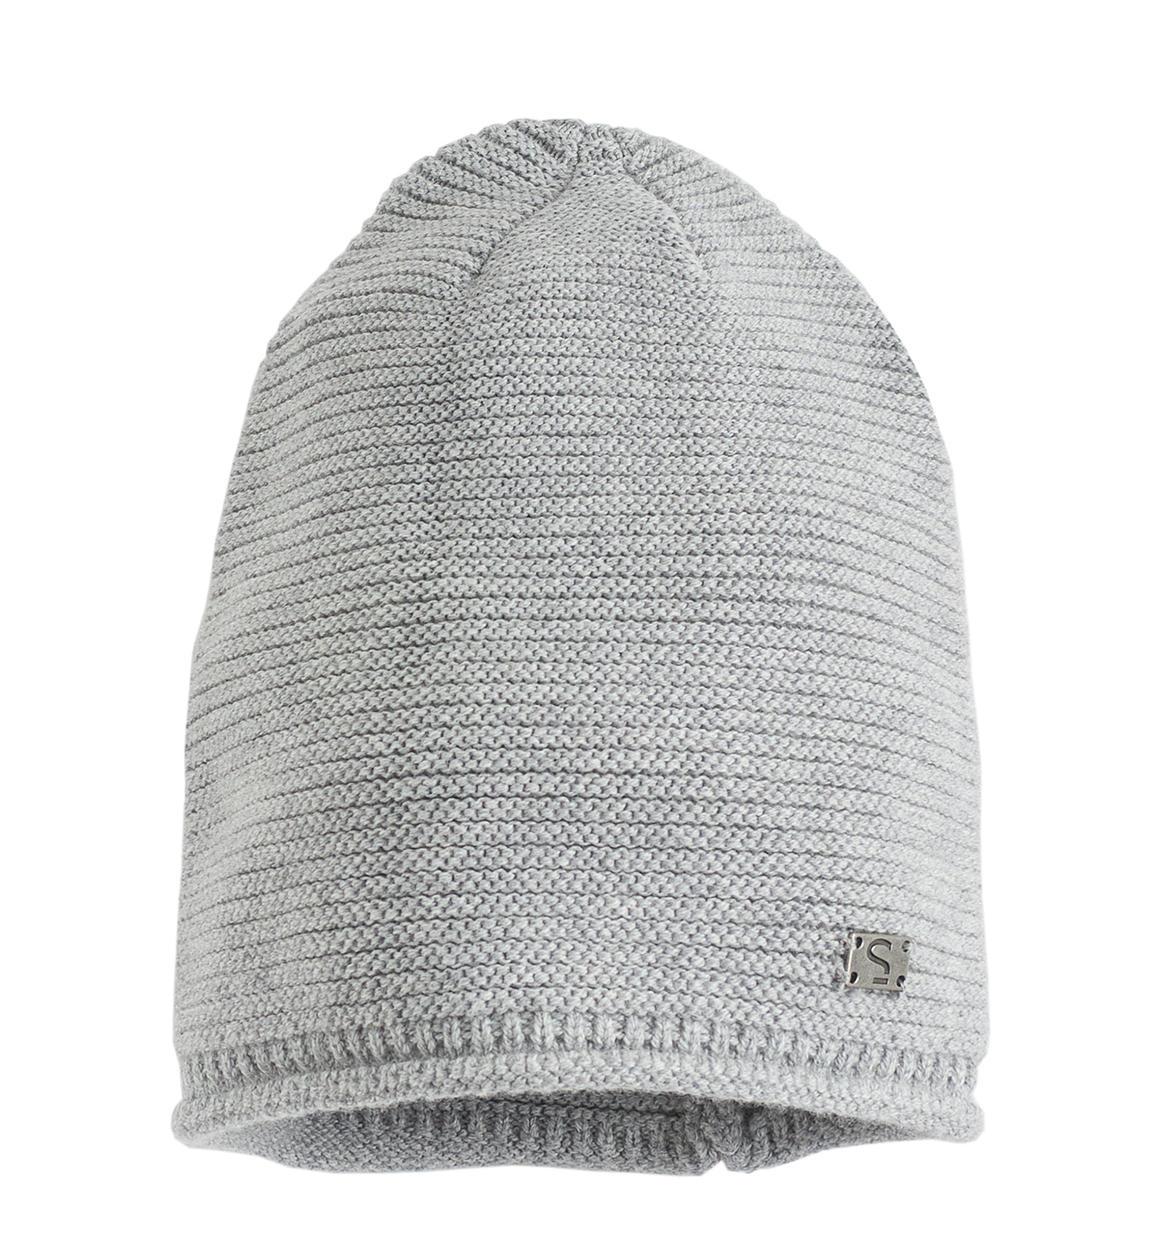 Cappello modello cuffia in tricot misto cotone lana per bambino da 6 ... 7146cadb8645